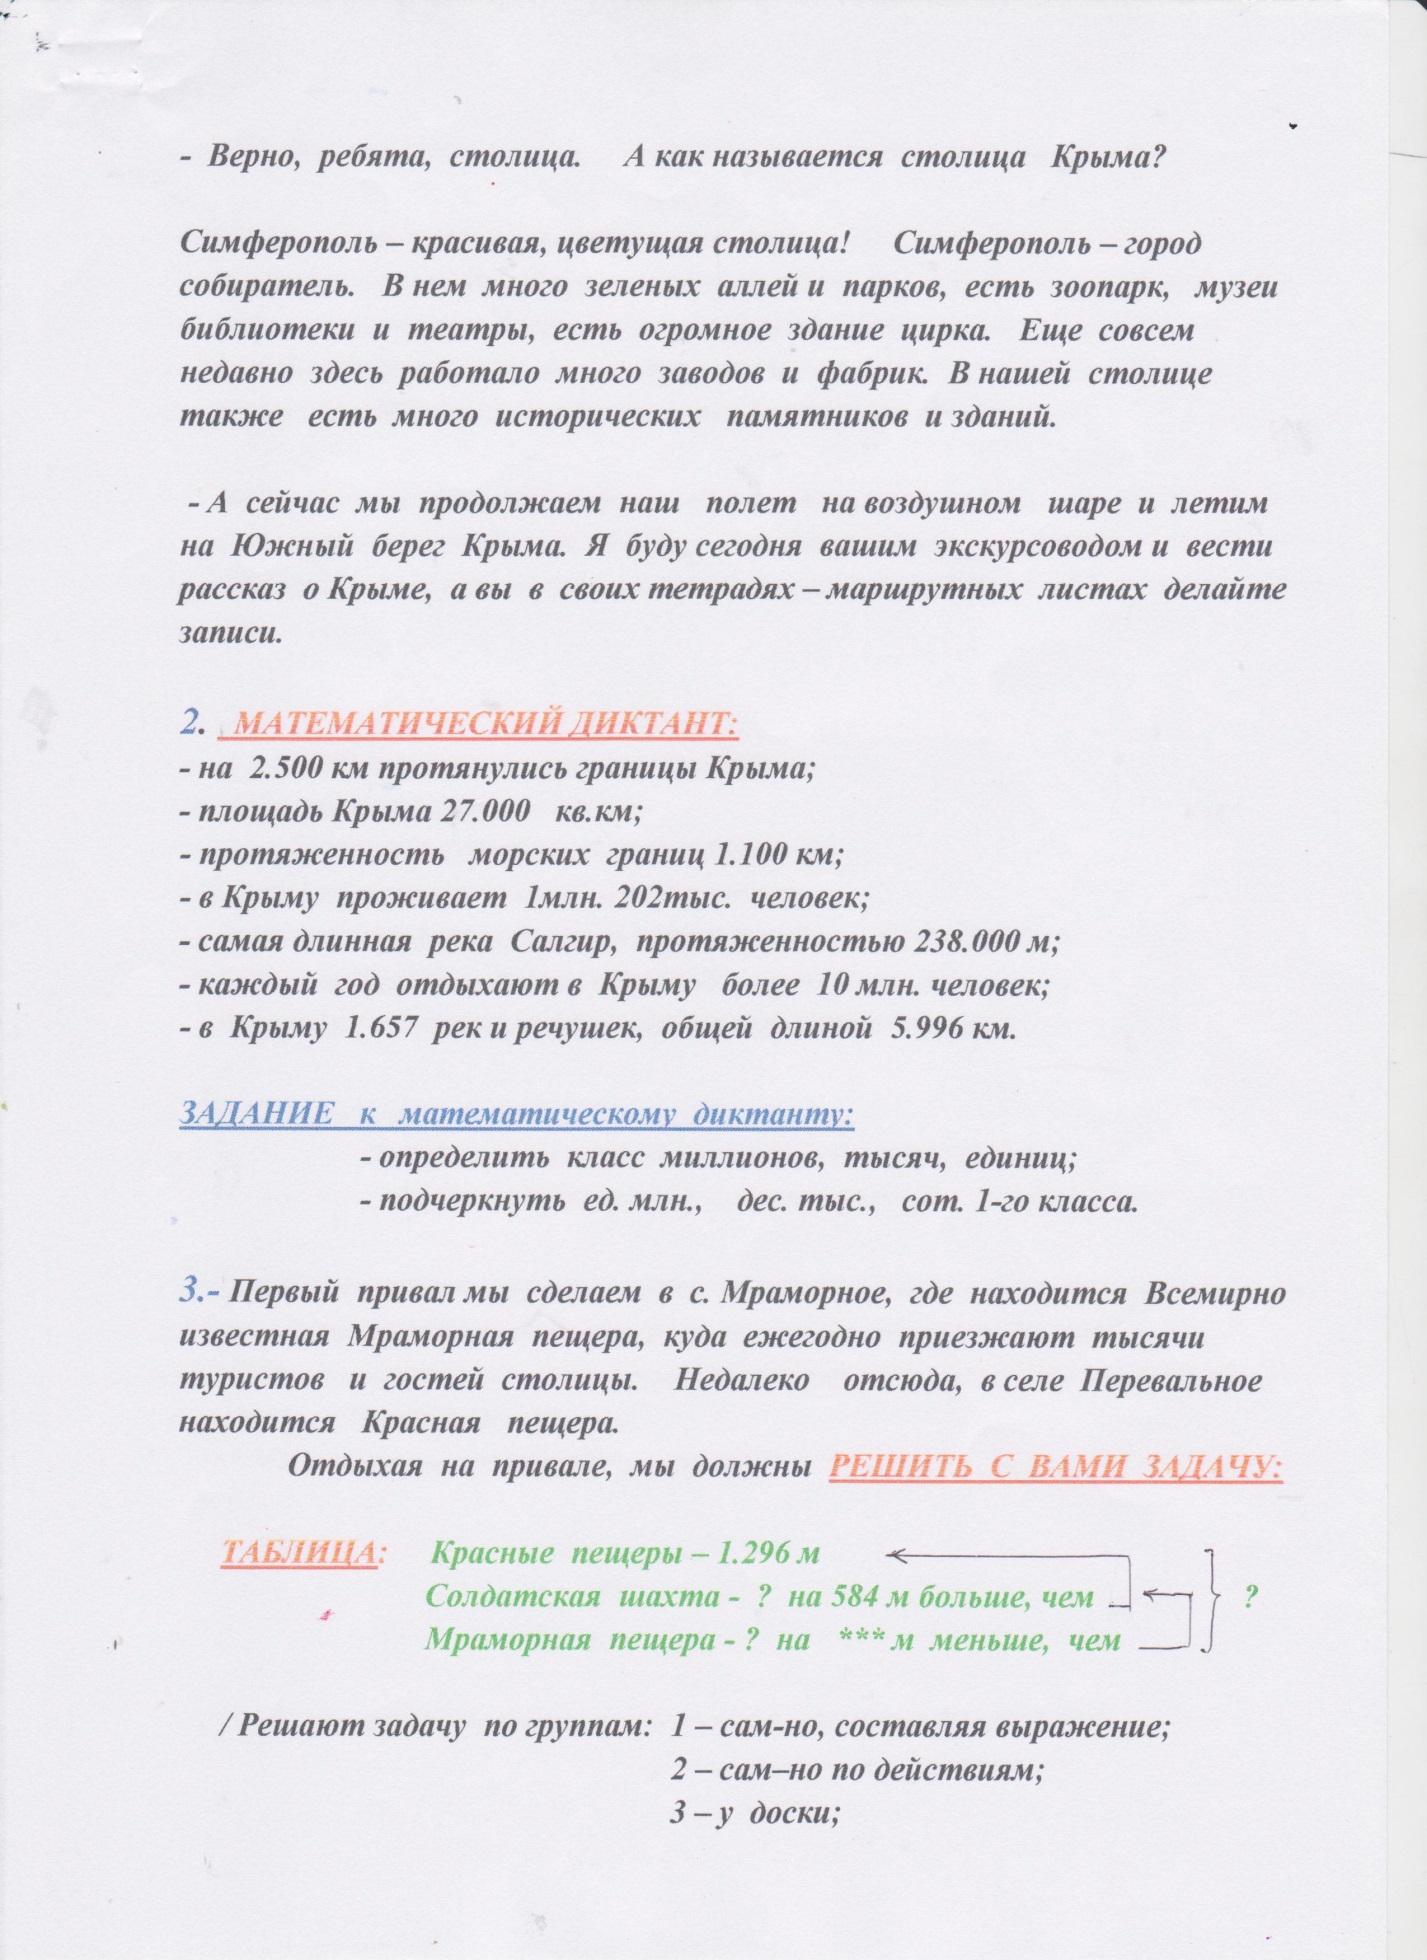 C:\Users\Acer\Desktop\7777777777\нумерация многозн чисел\2 001.jpg